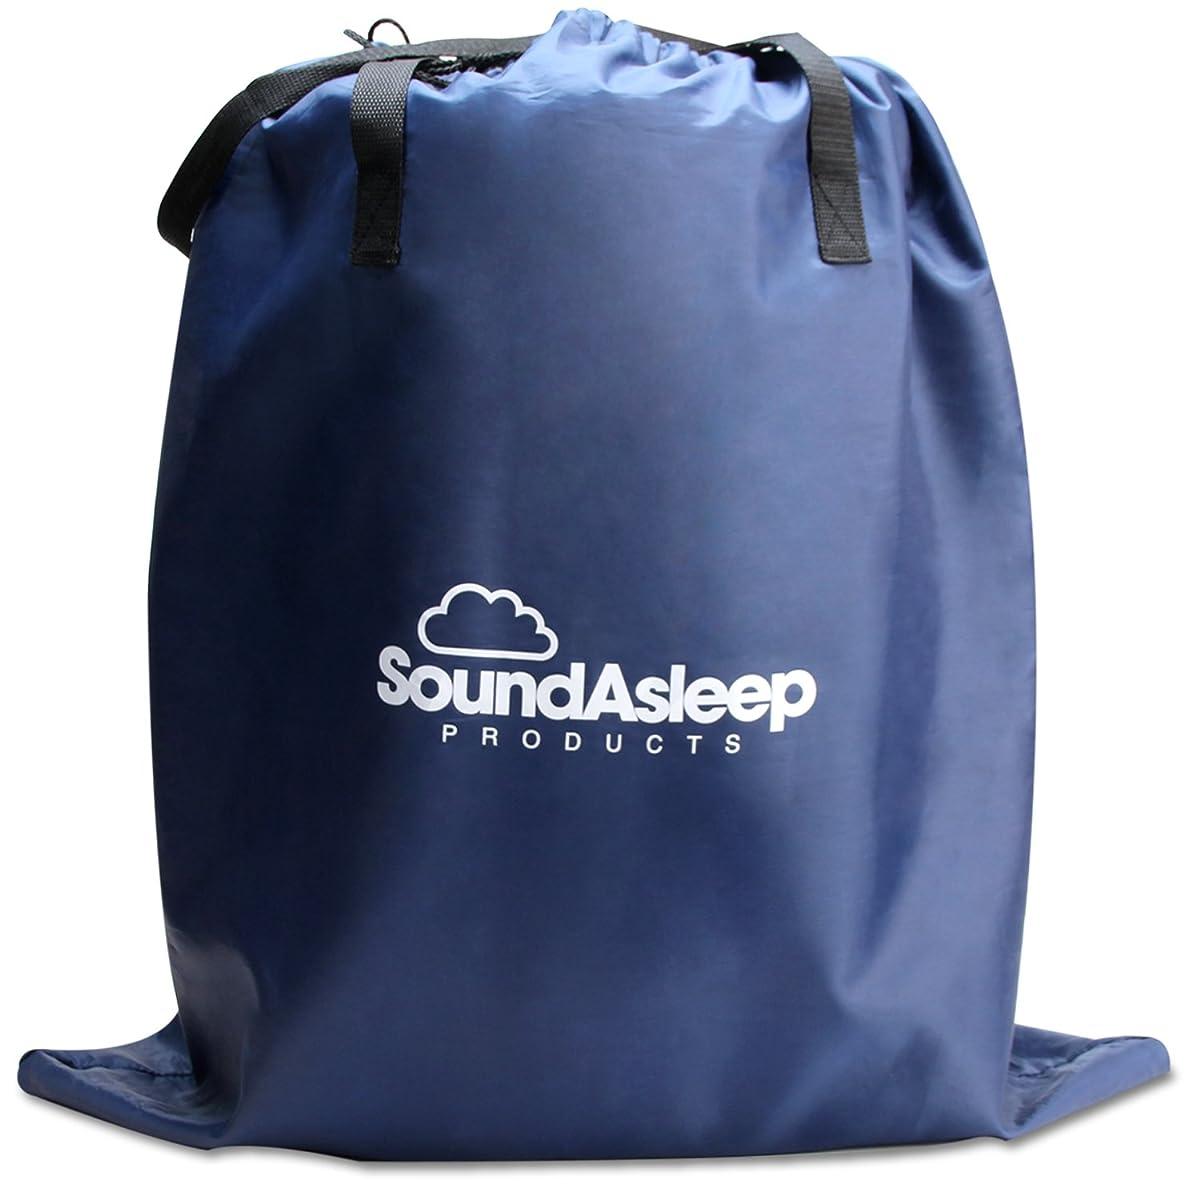 SoundAsleep Dream Series Air Mattress with ComfortCoil Technology & Internal High Capacity Pump